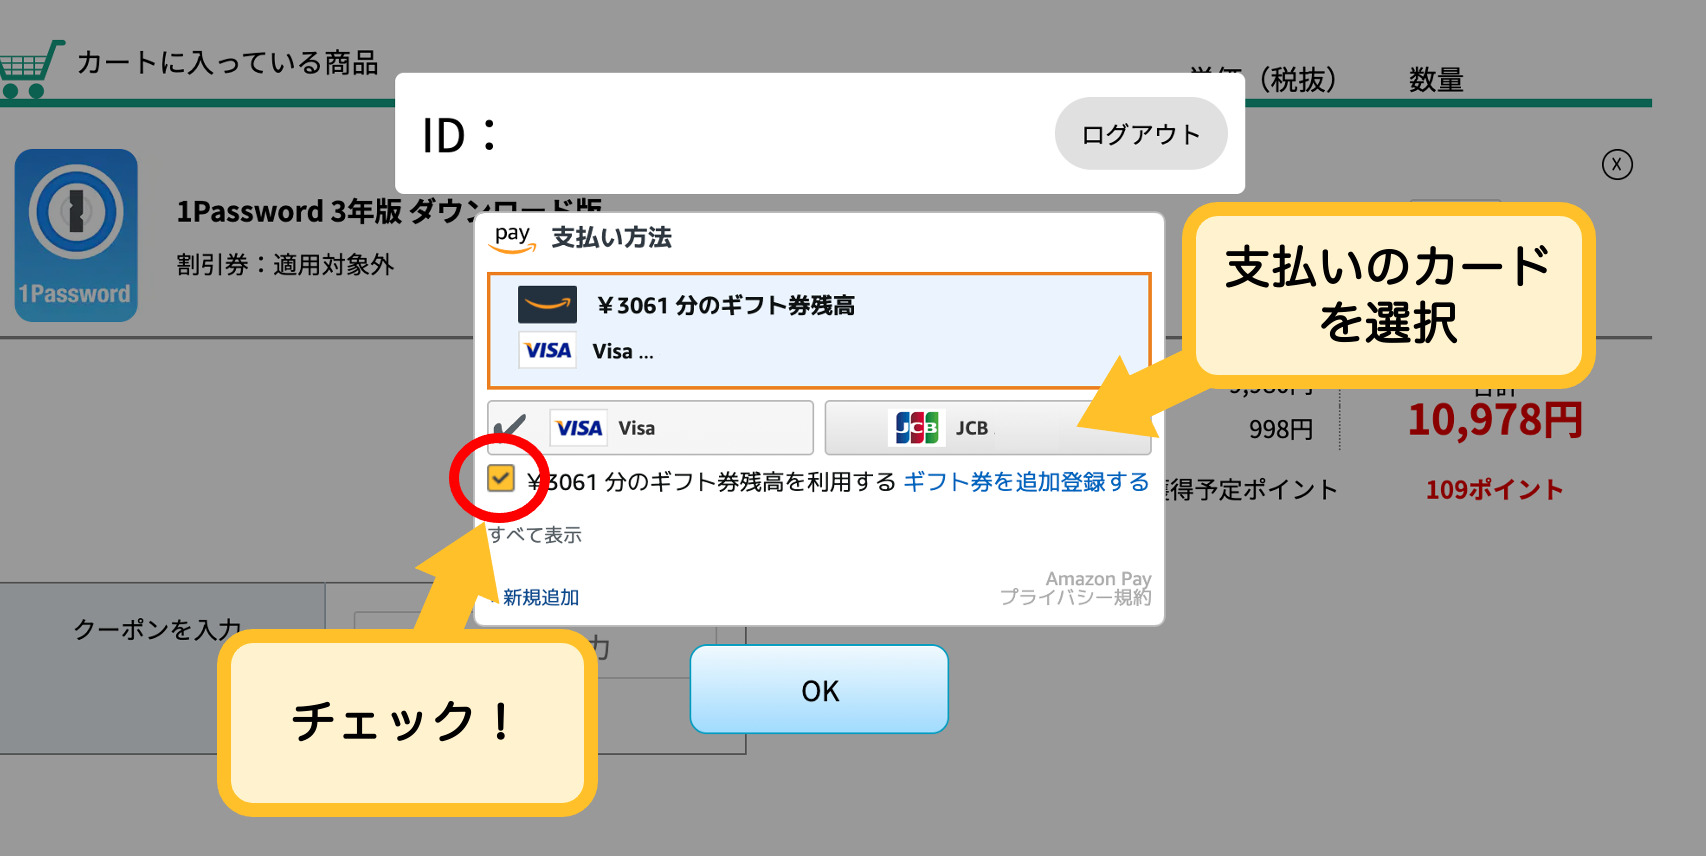 1password購入画面4